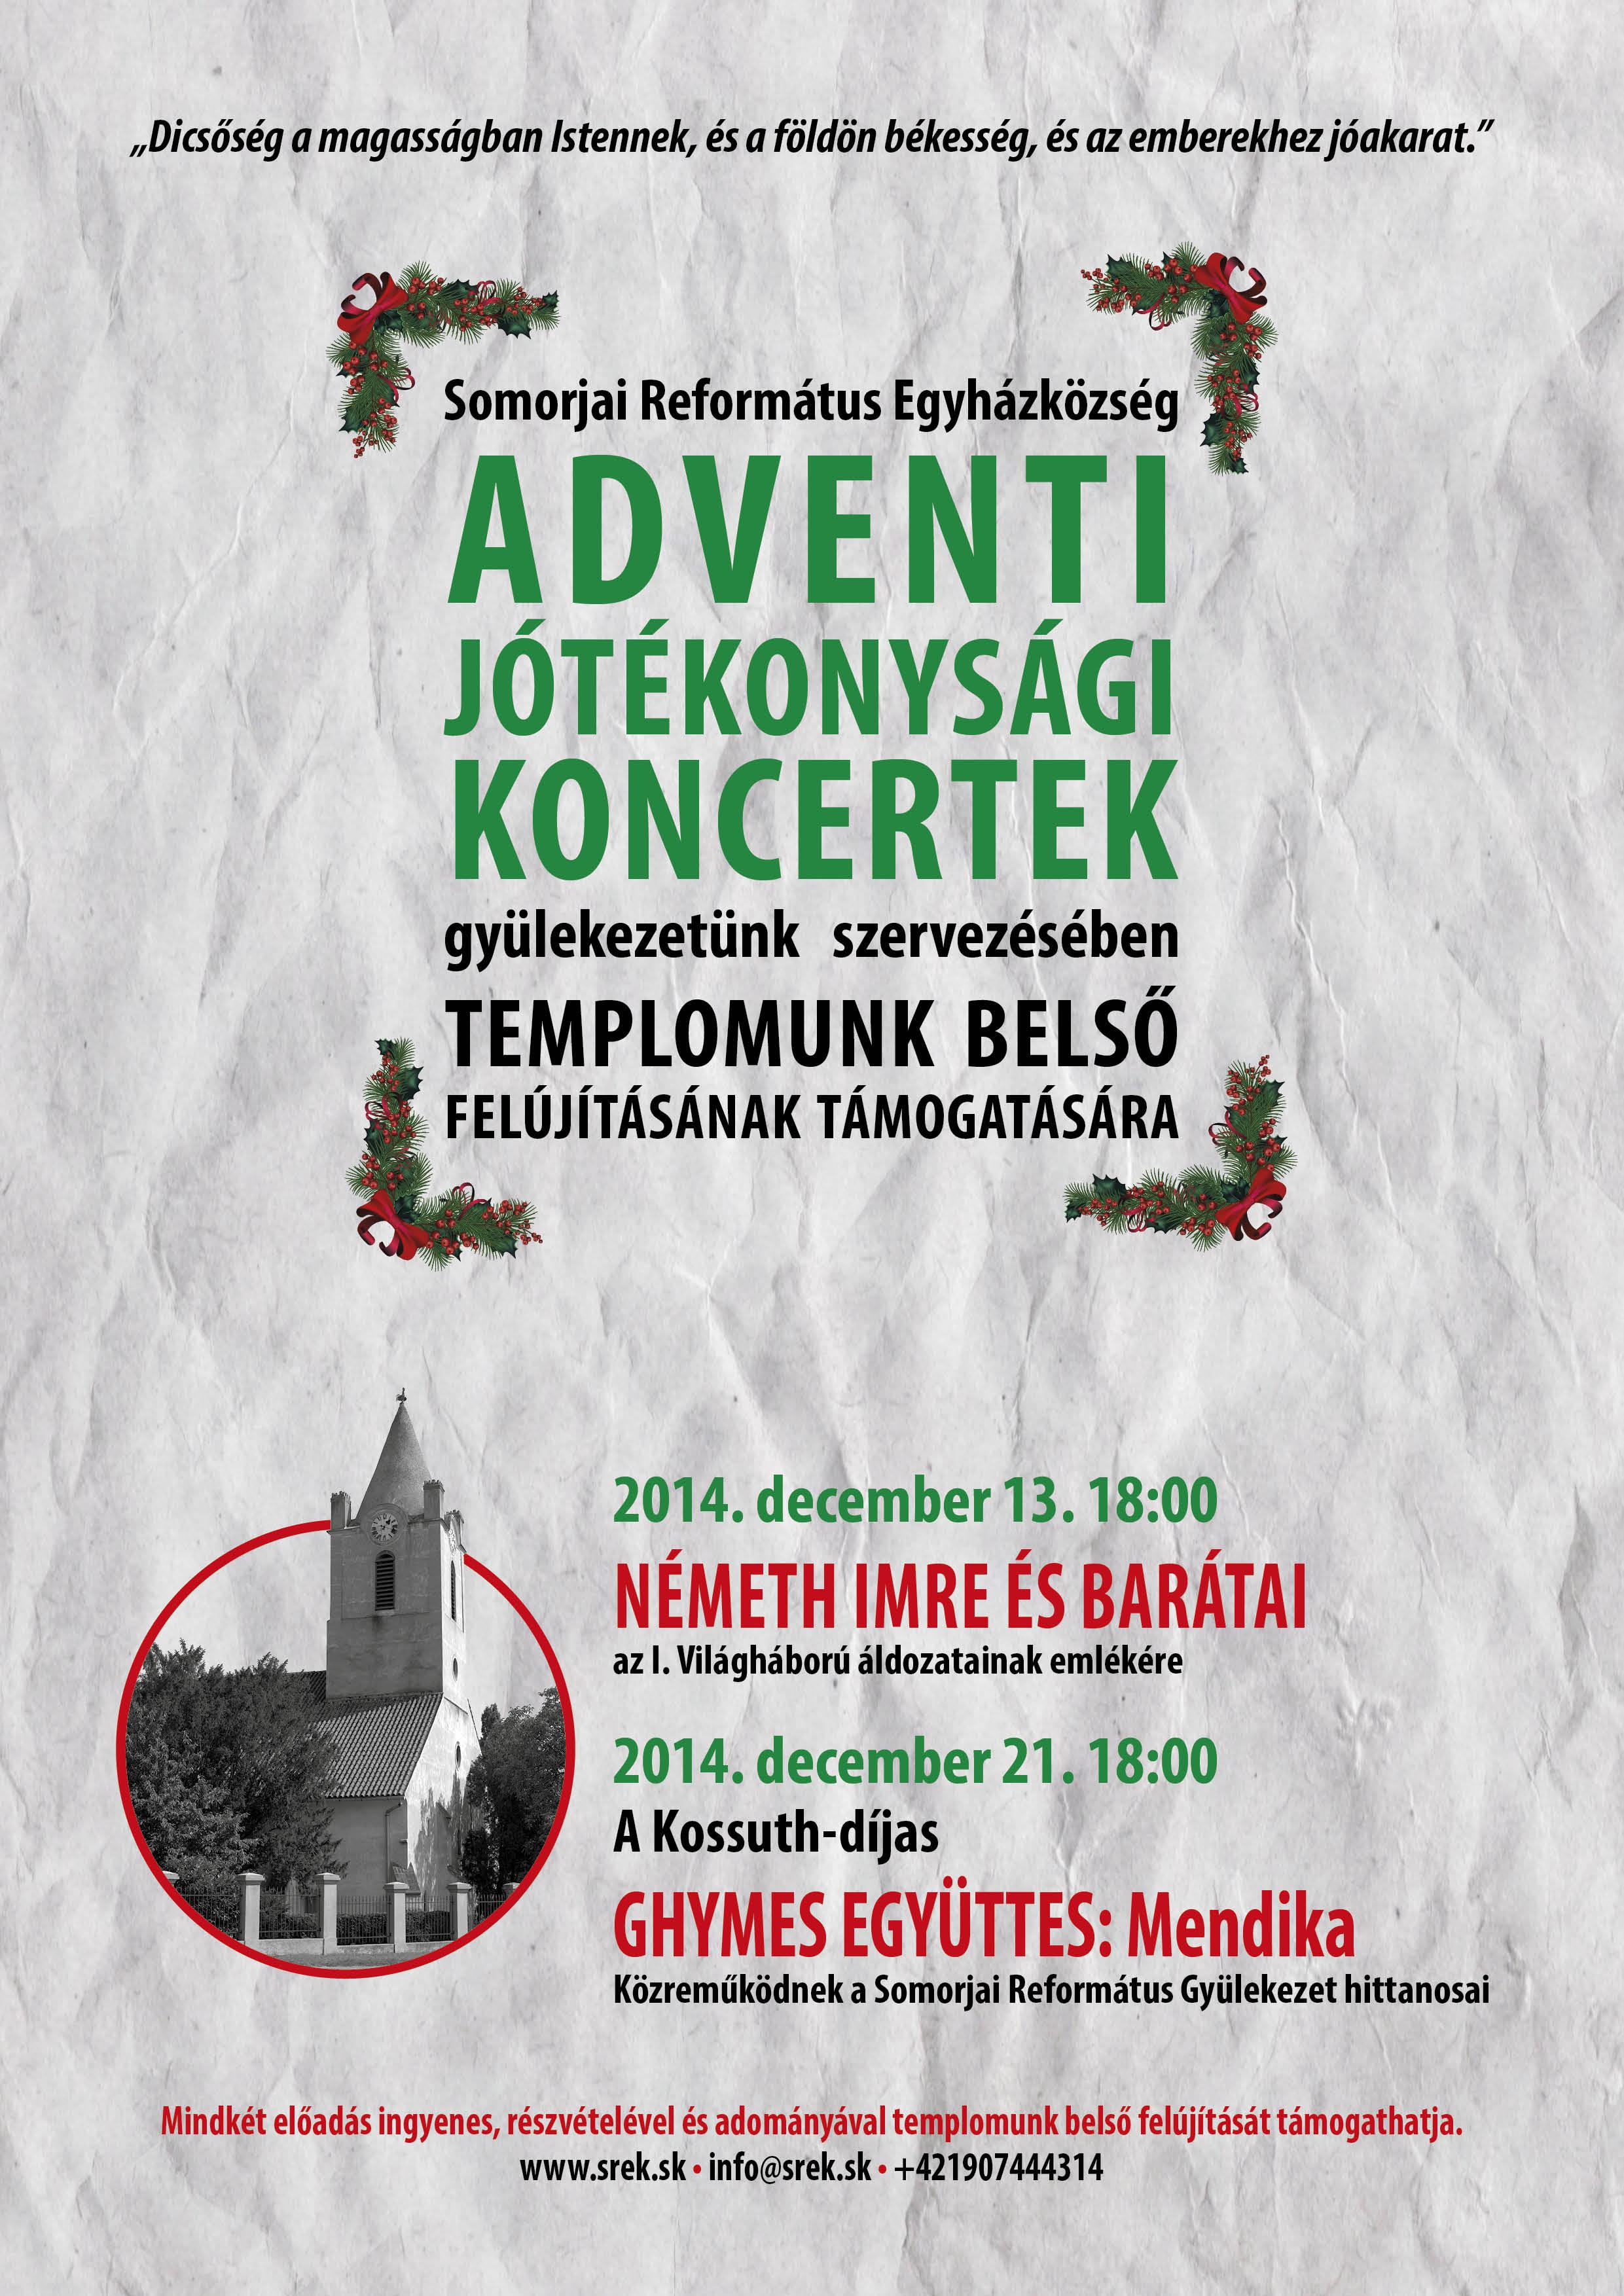 A somorjai református egyházközség decemberi programjai